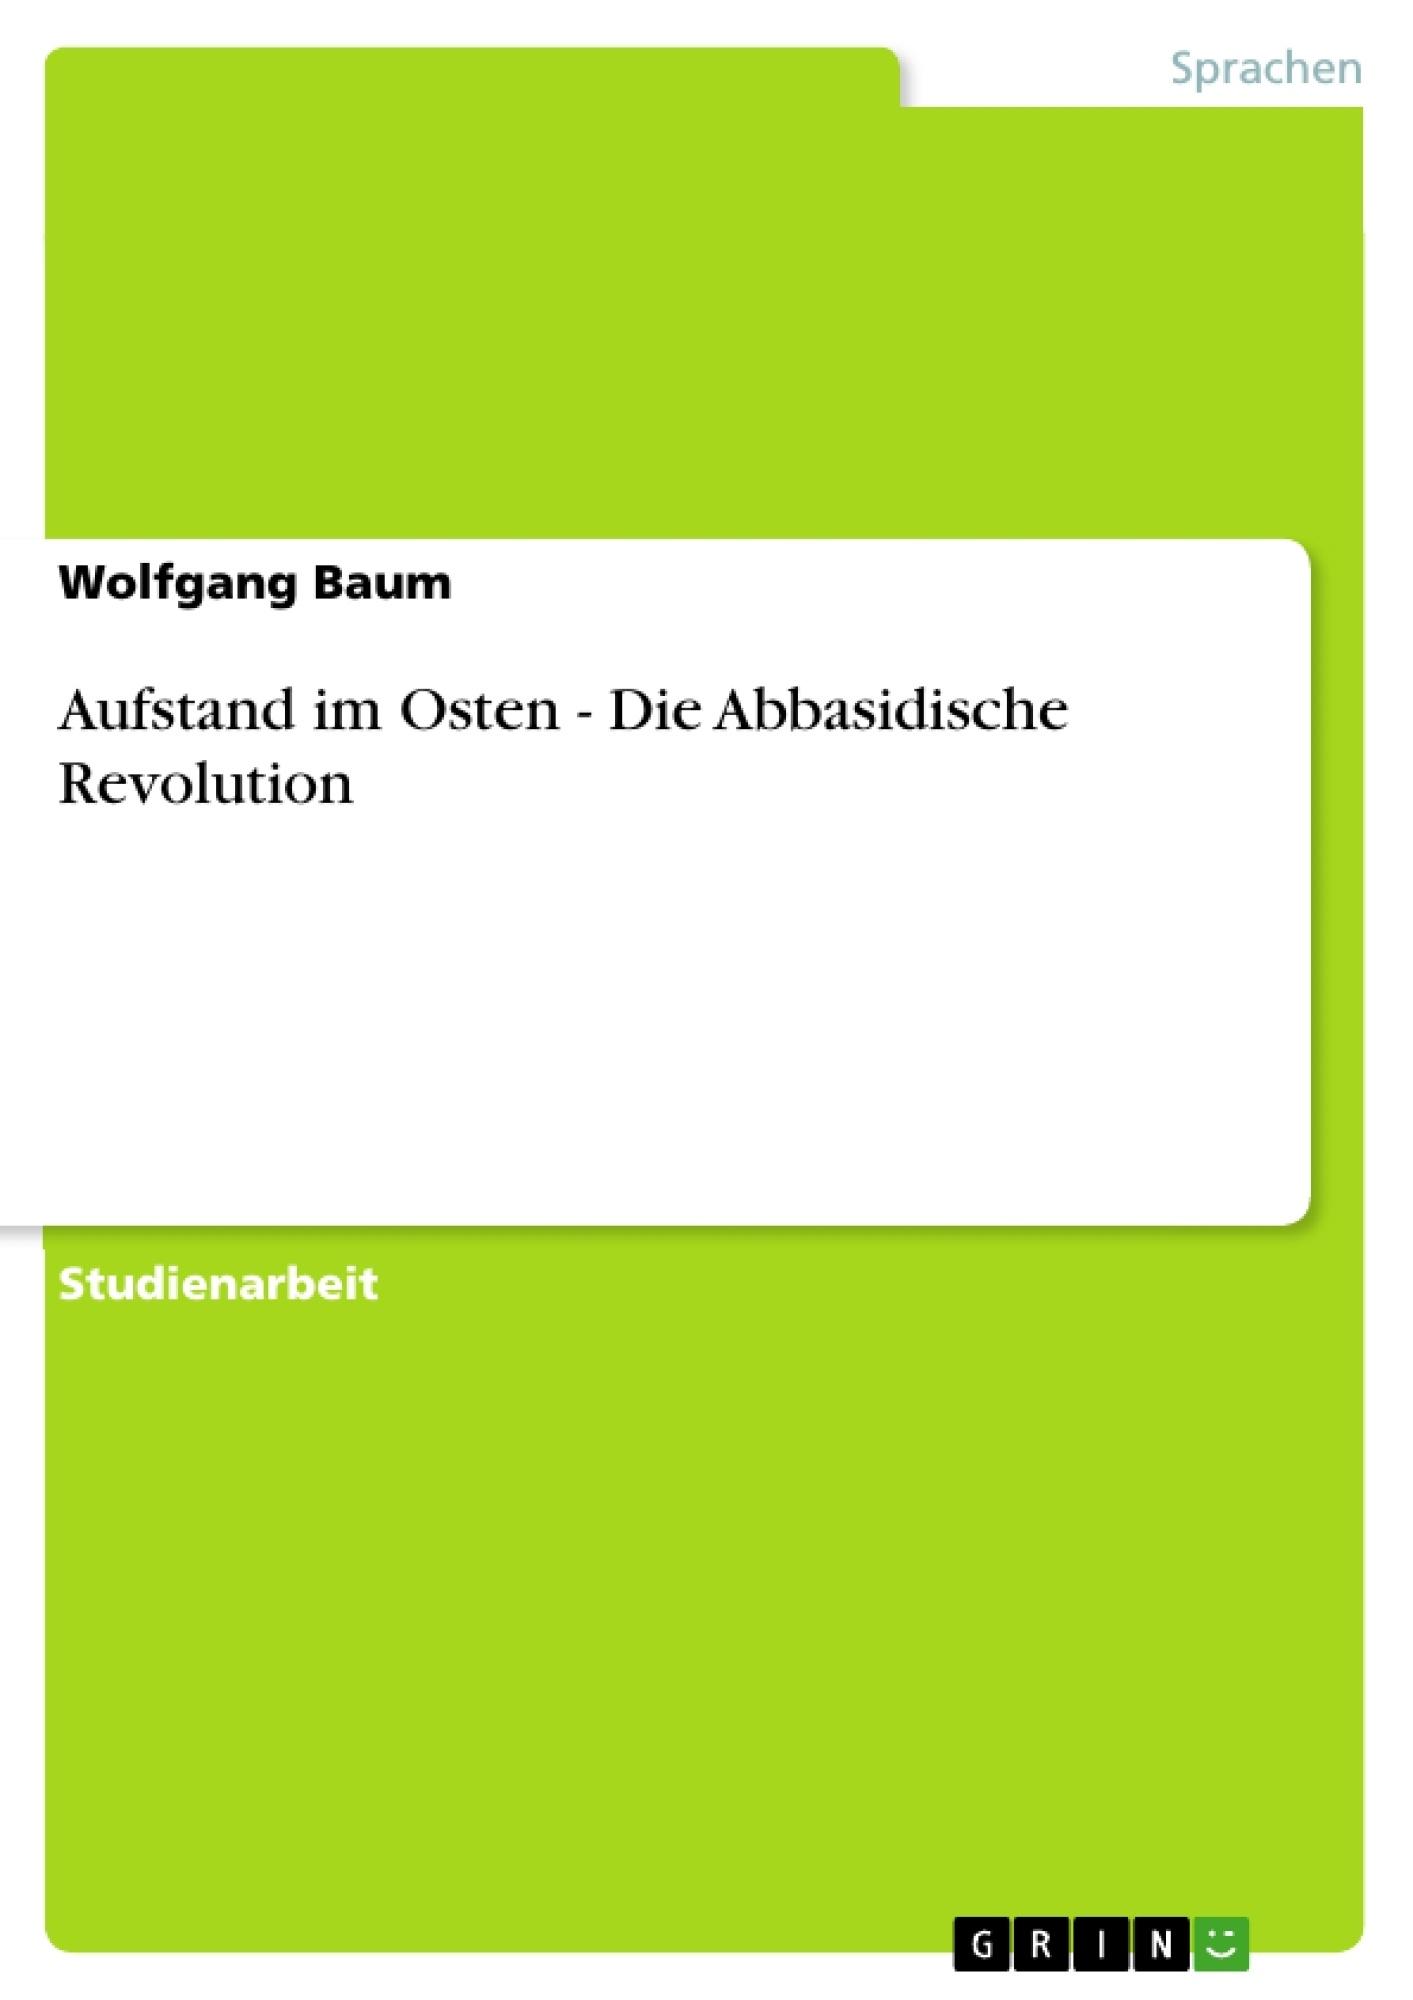 Titel: Aufstand im Osten - Die Abbasidische Revolution